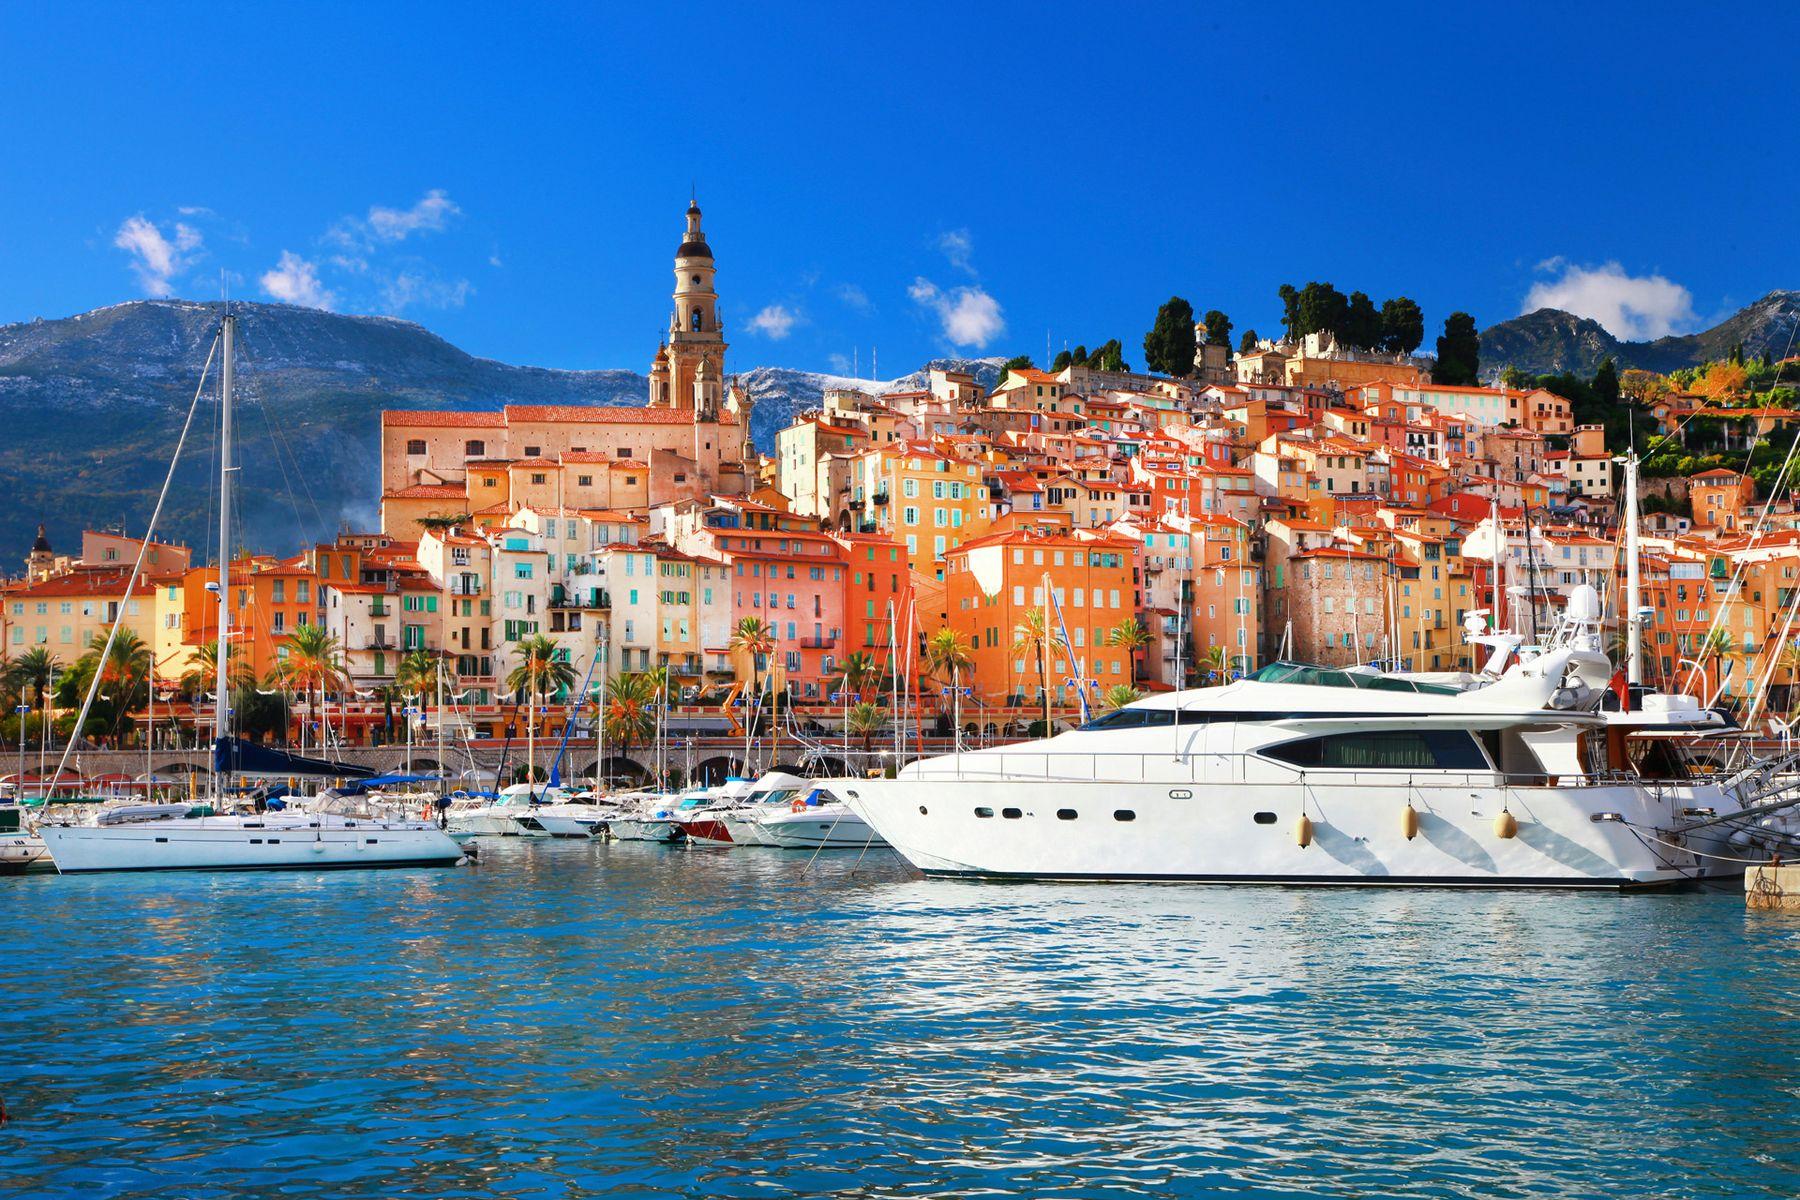 Cannes_Stadt u Hafen